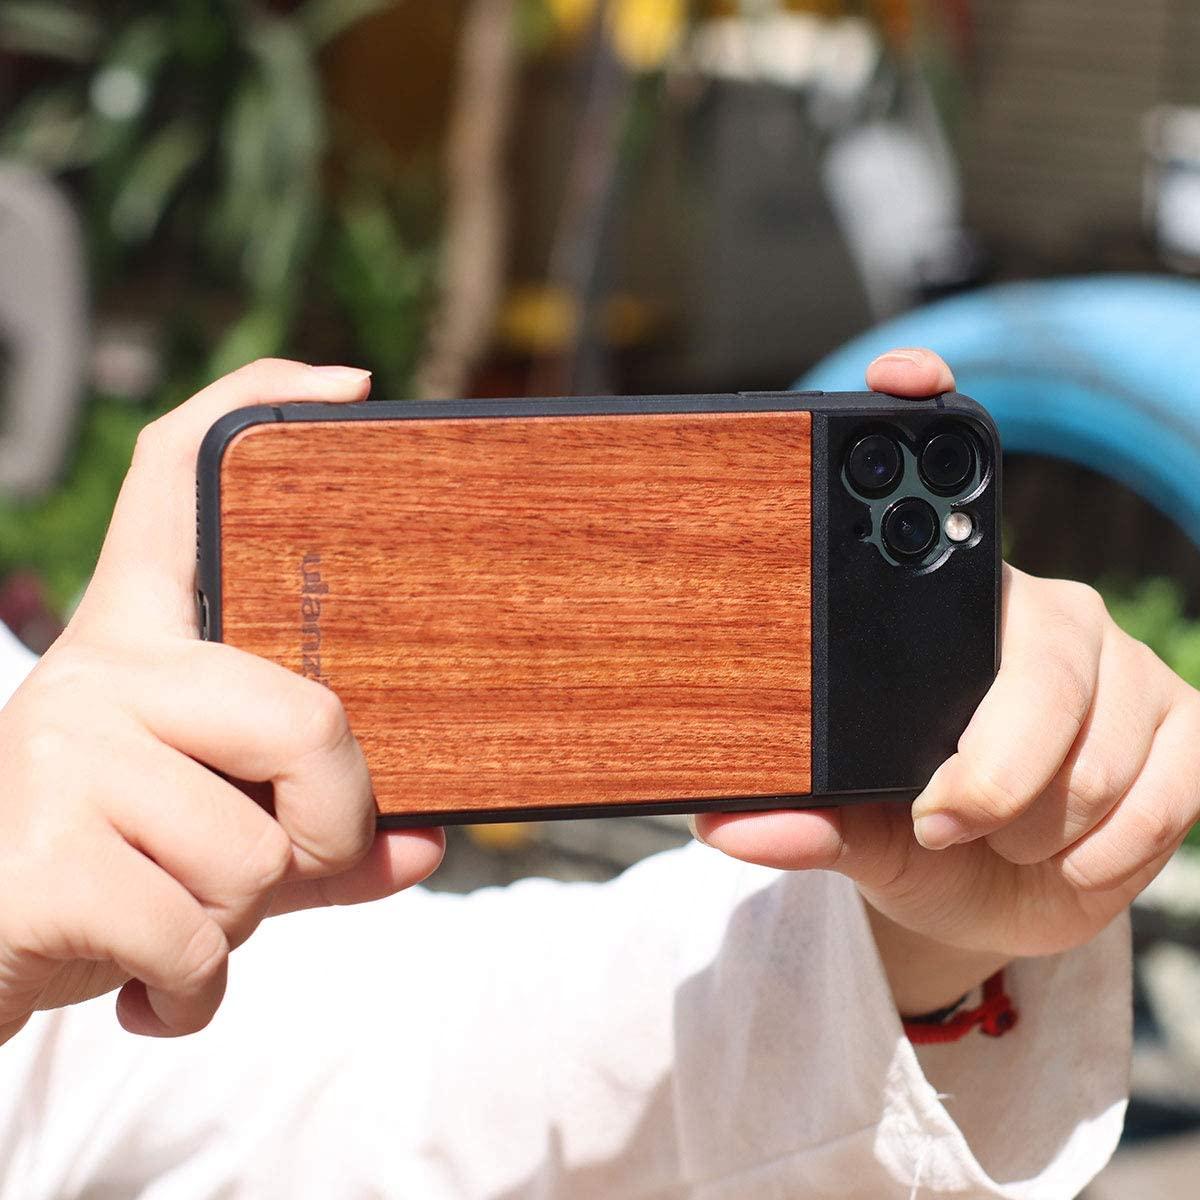 фото Ulanzi Wood чехла-объектива iPhone 11 Pro Max